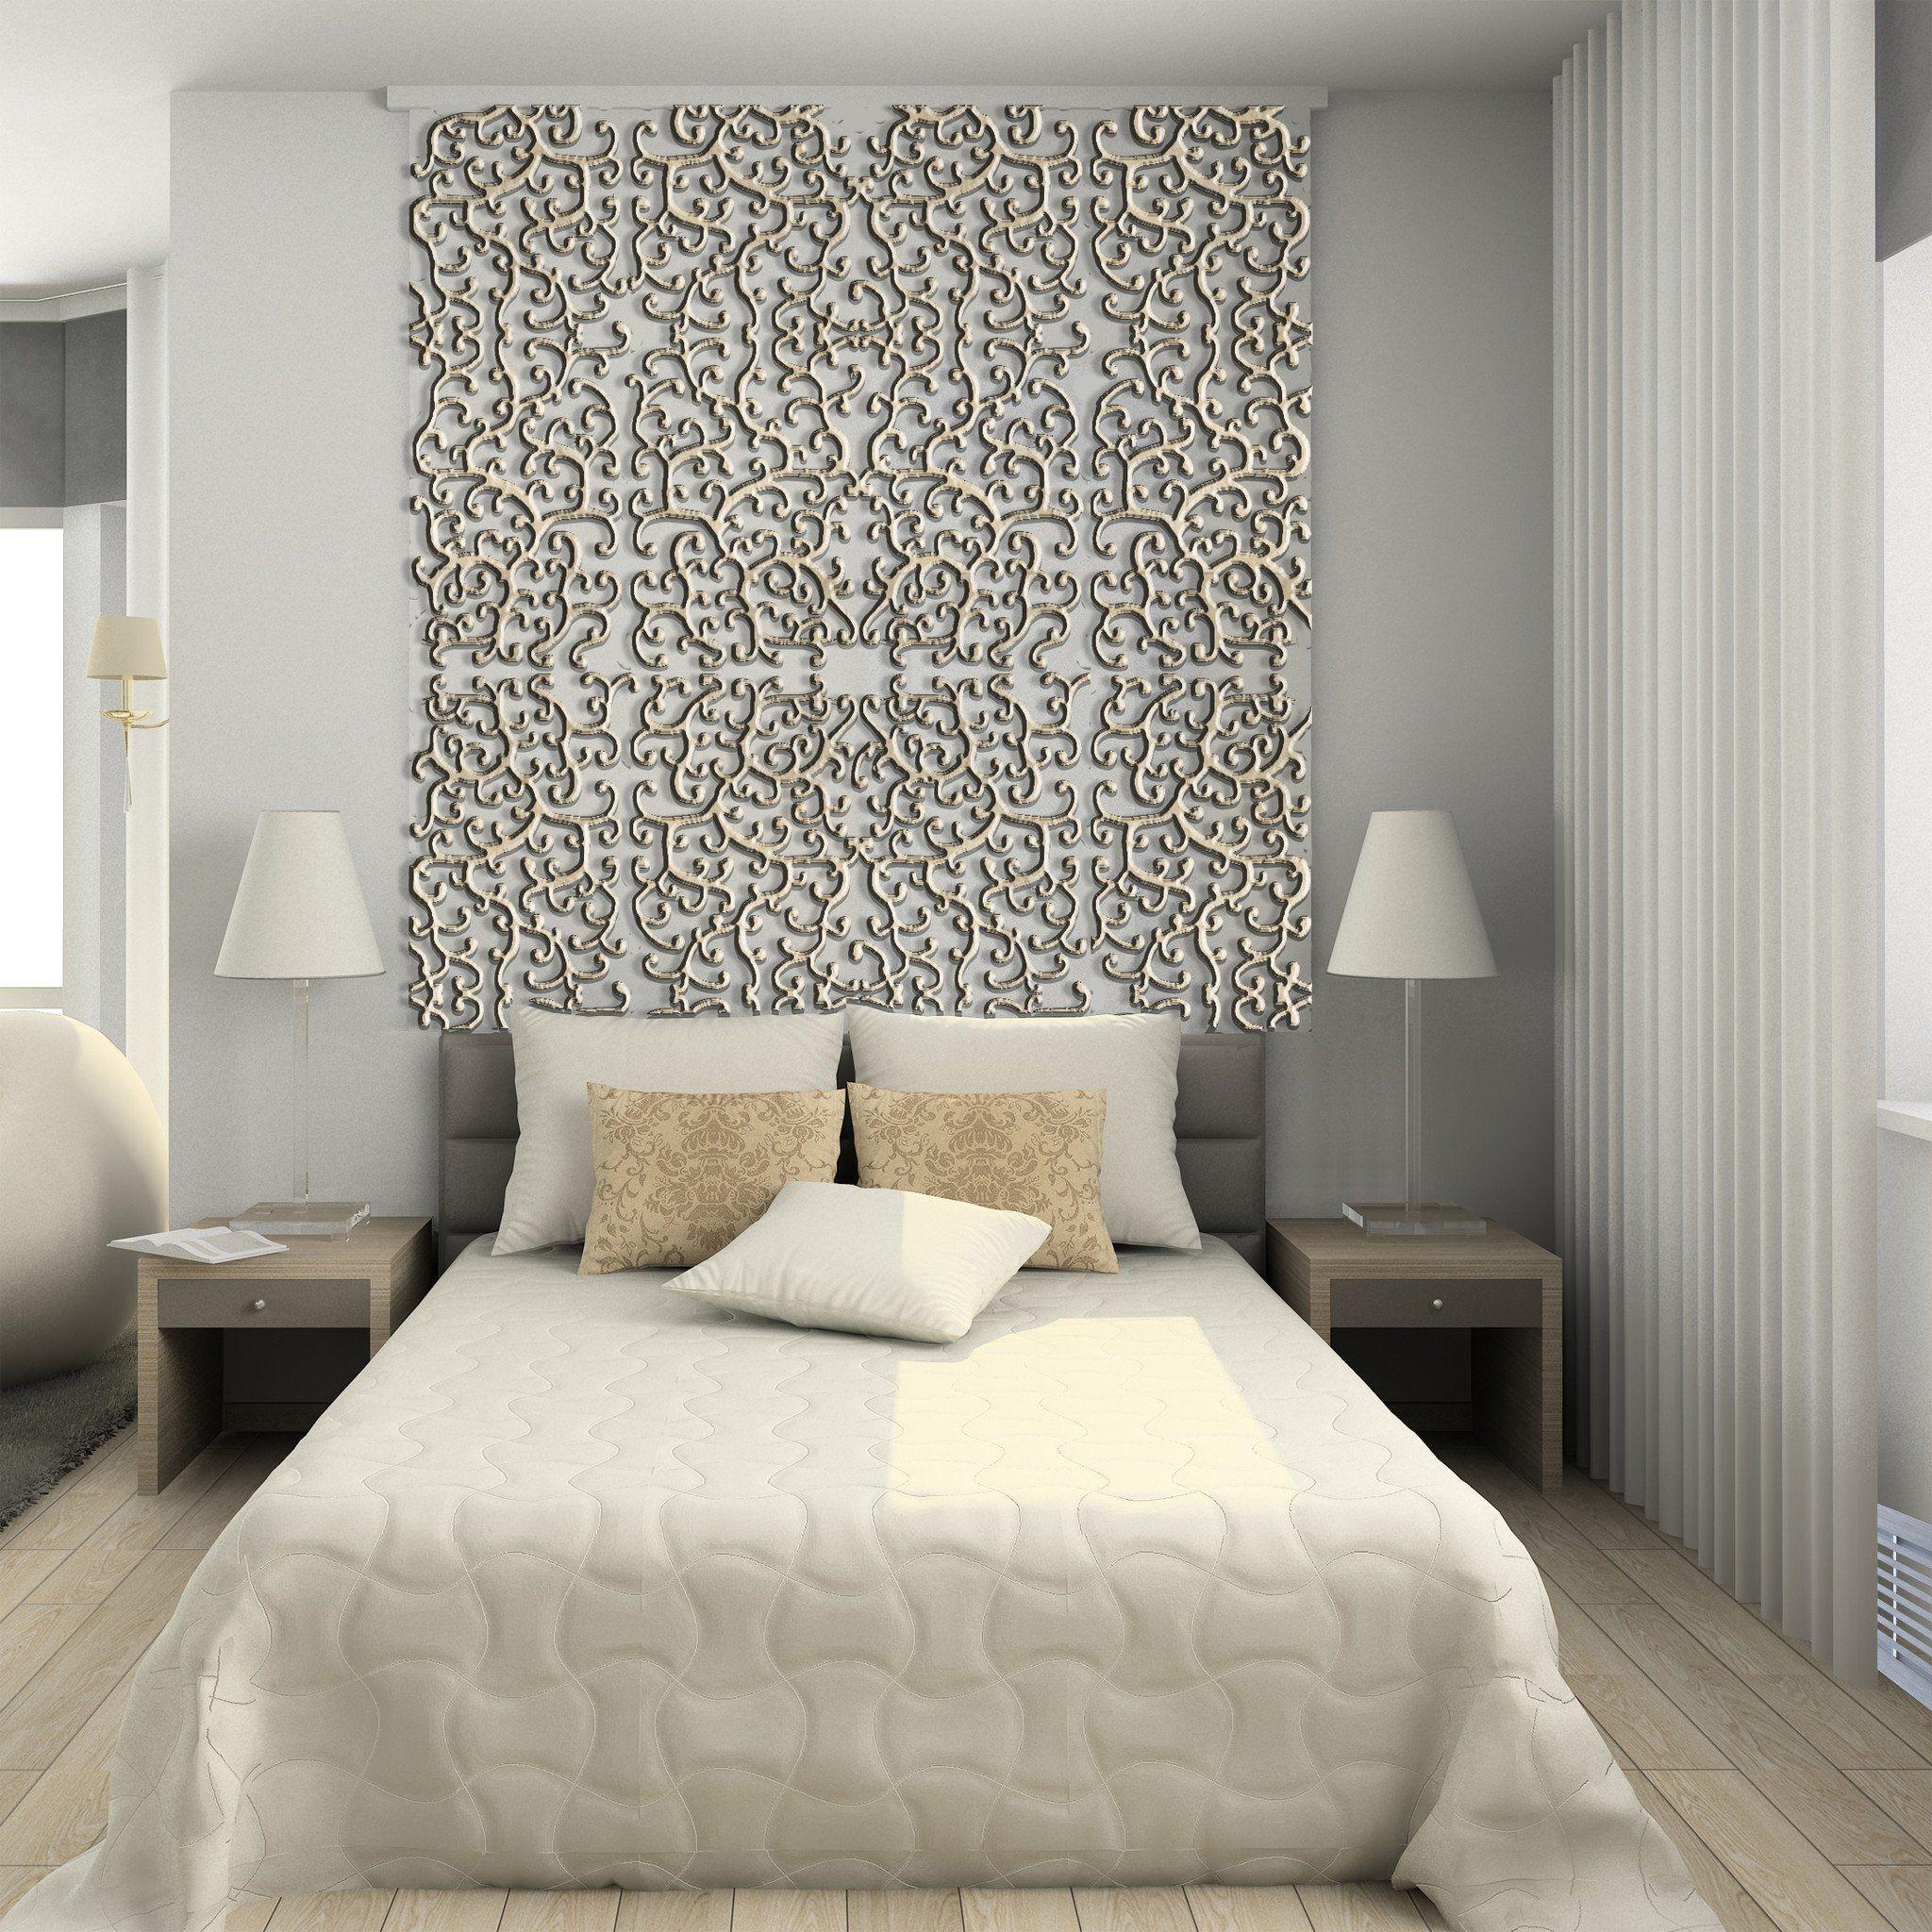 Divider Modern Interior 3d Render Amazing Decorative